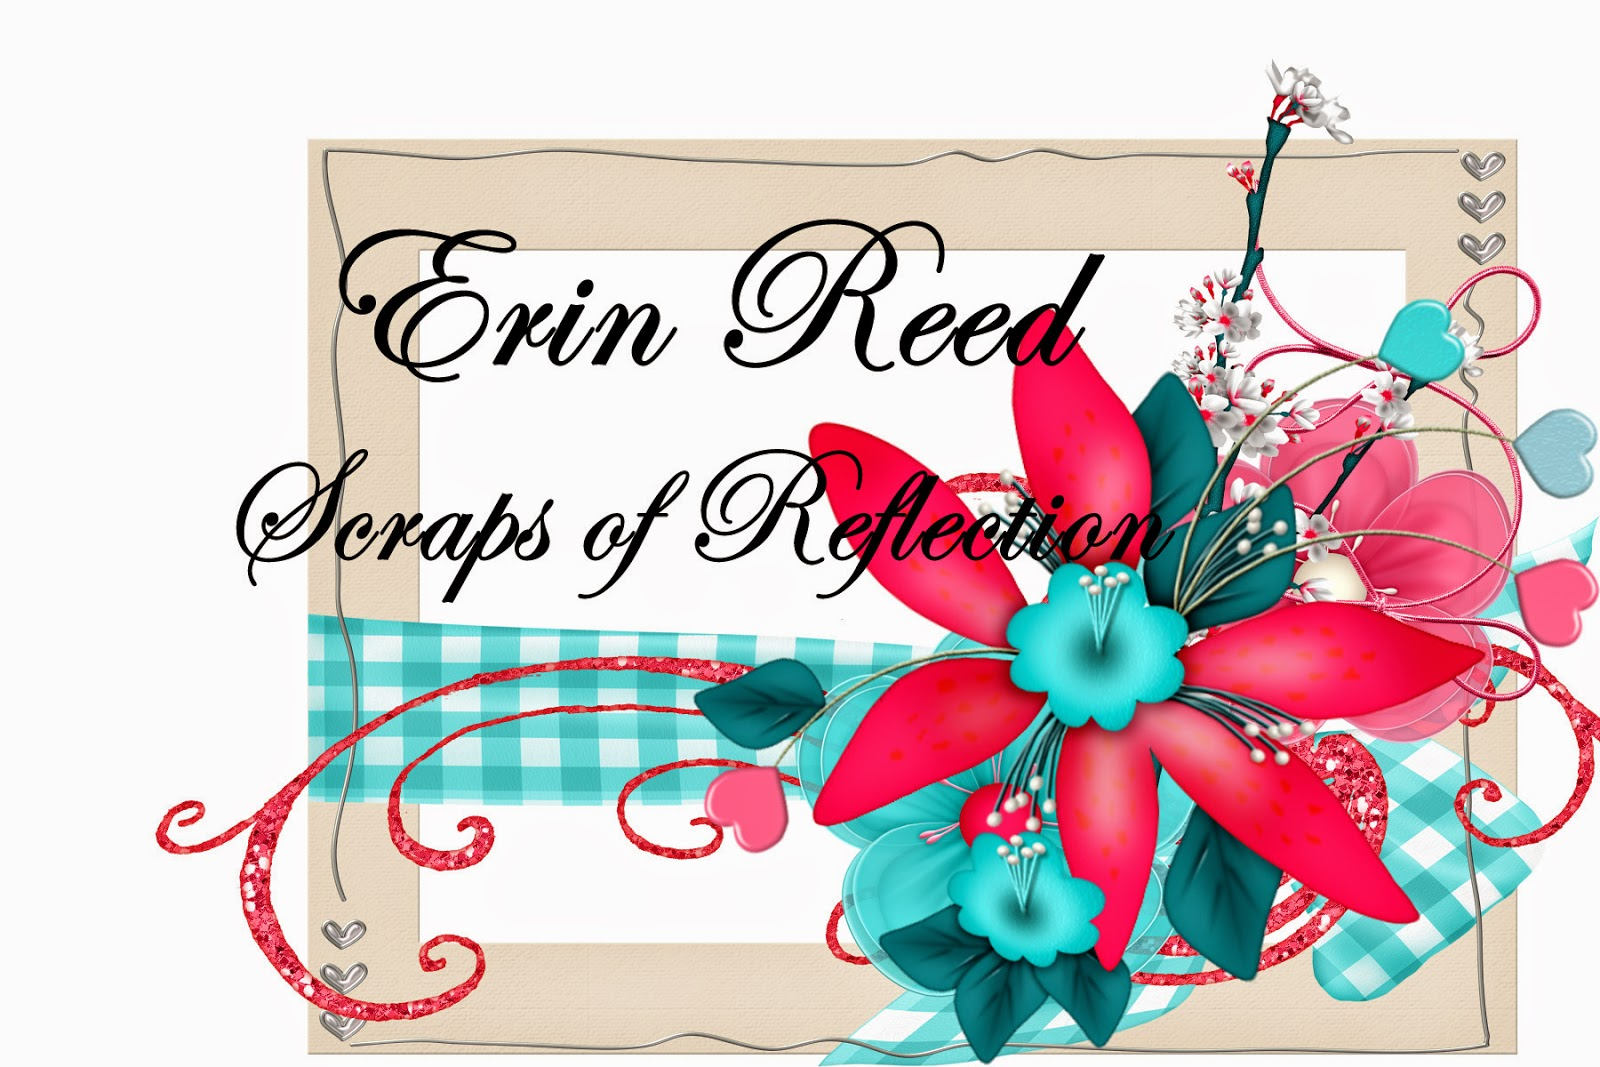 http://scraps-of-reflections.blogspot.com/